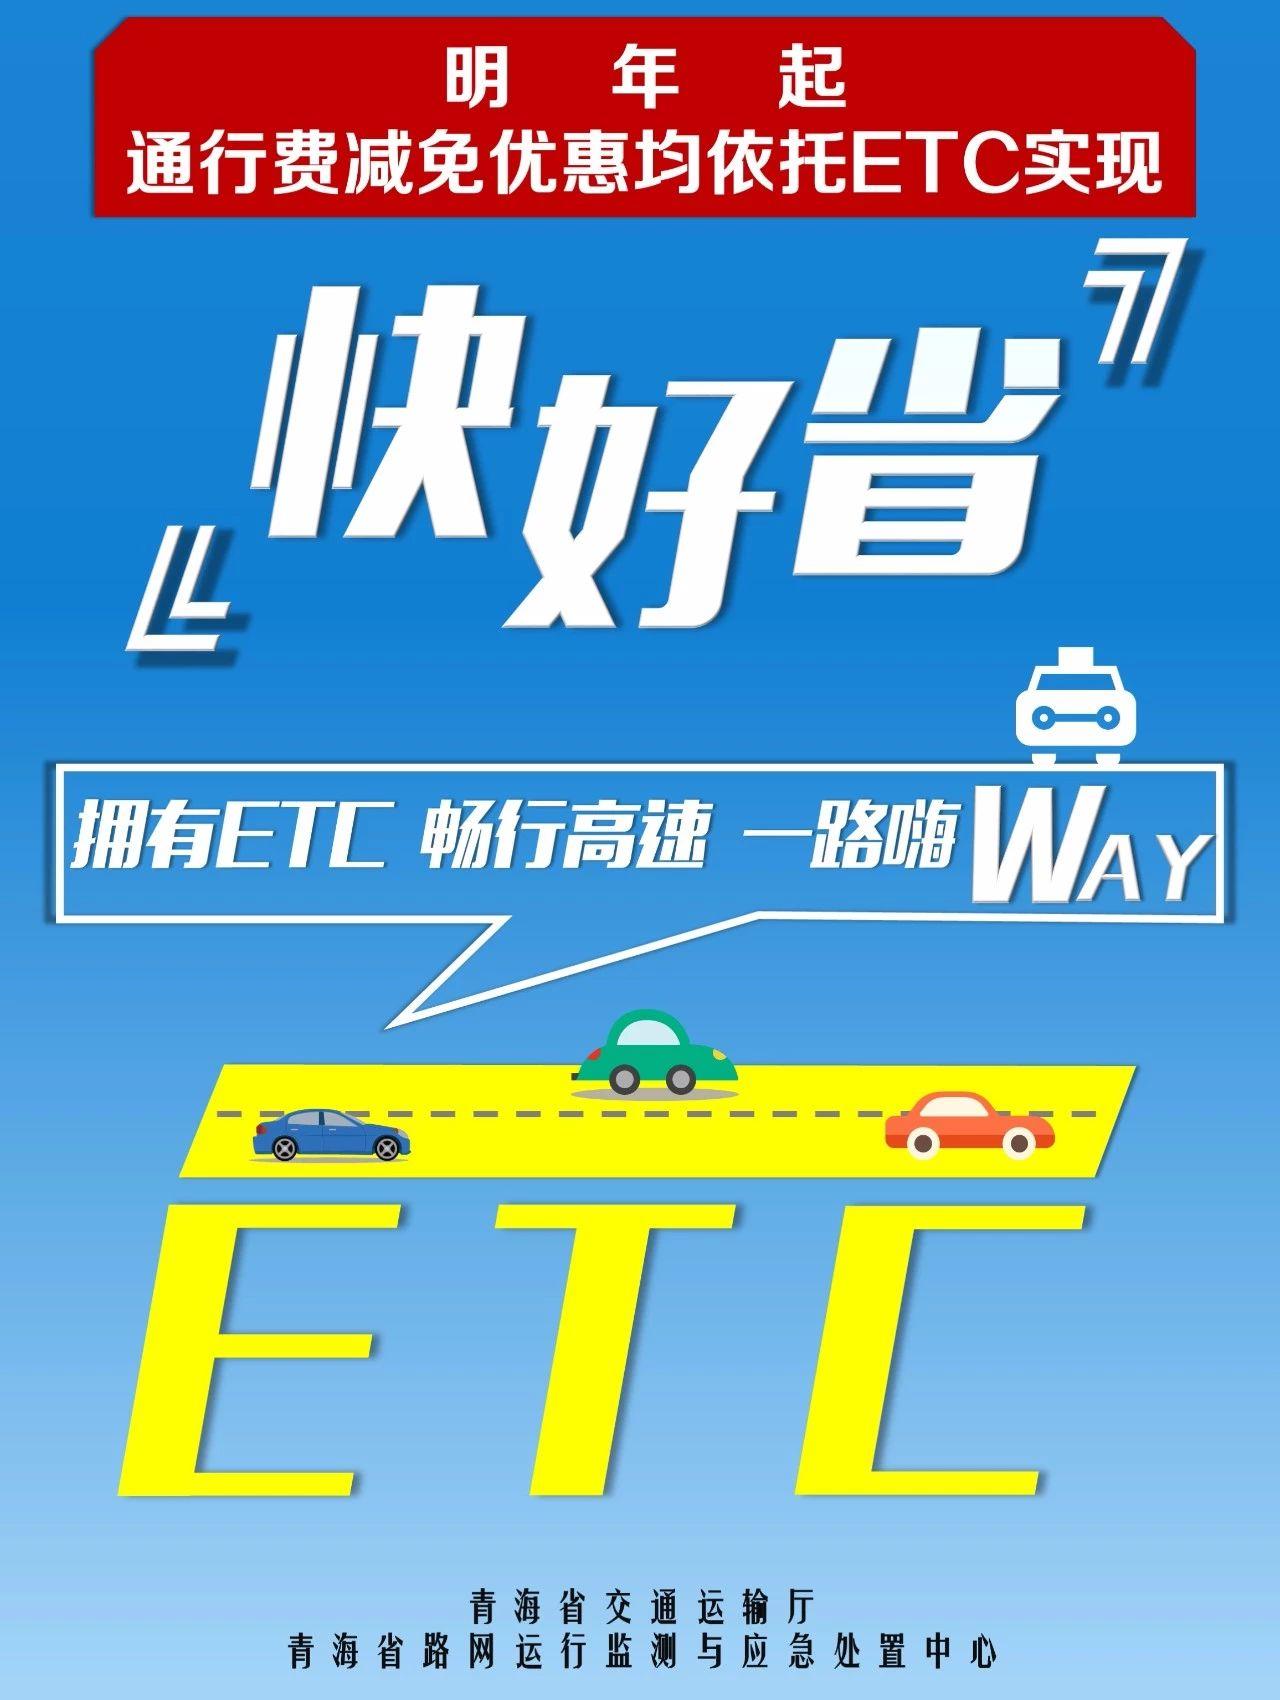 权威|青海ETC办理指南,明年起,通行费减免优惠……